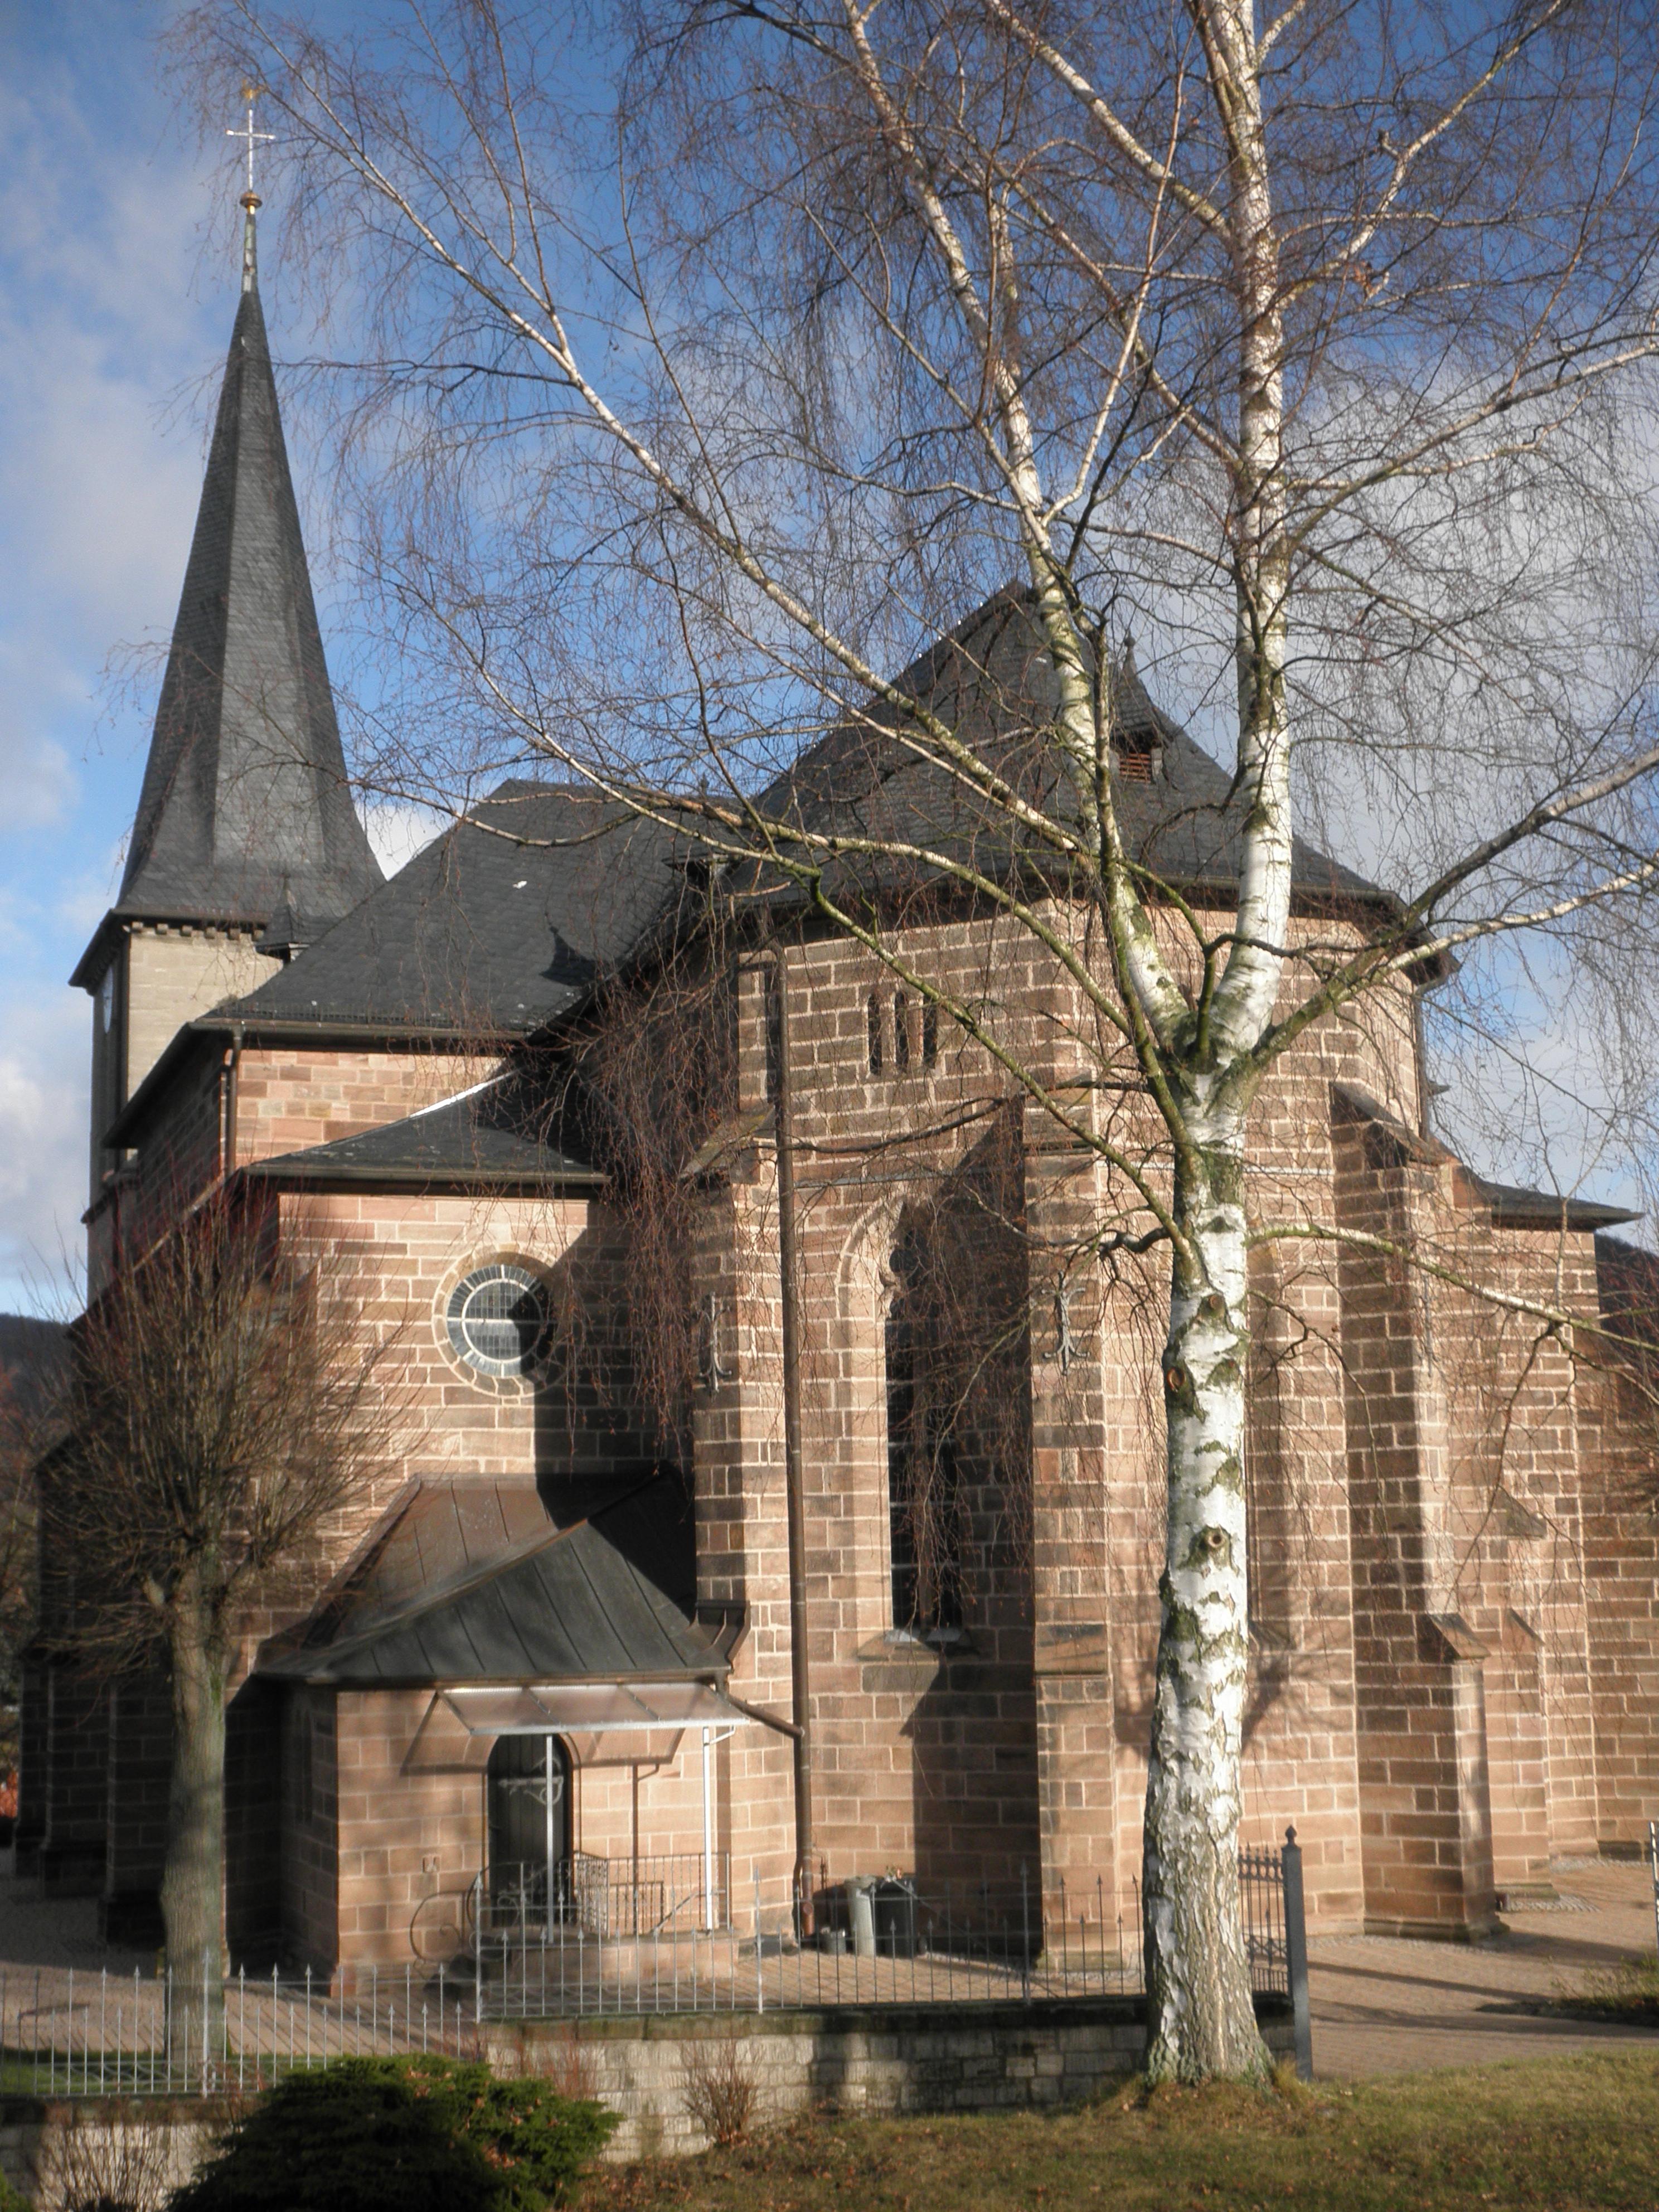 File:Kirche in Lengenfeld.JPG - Wikimedia Commons